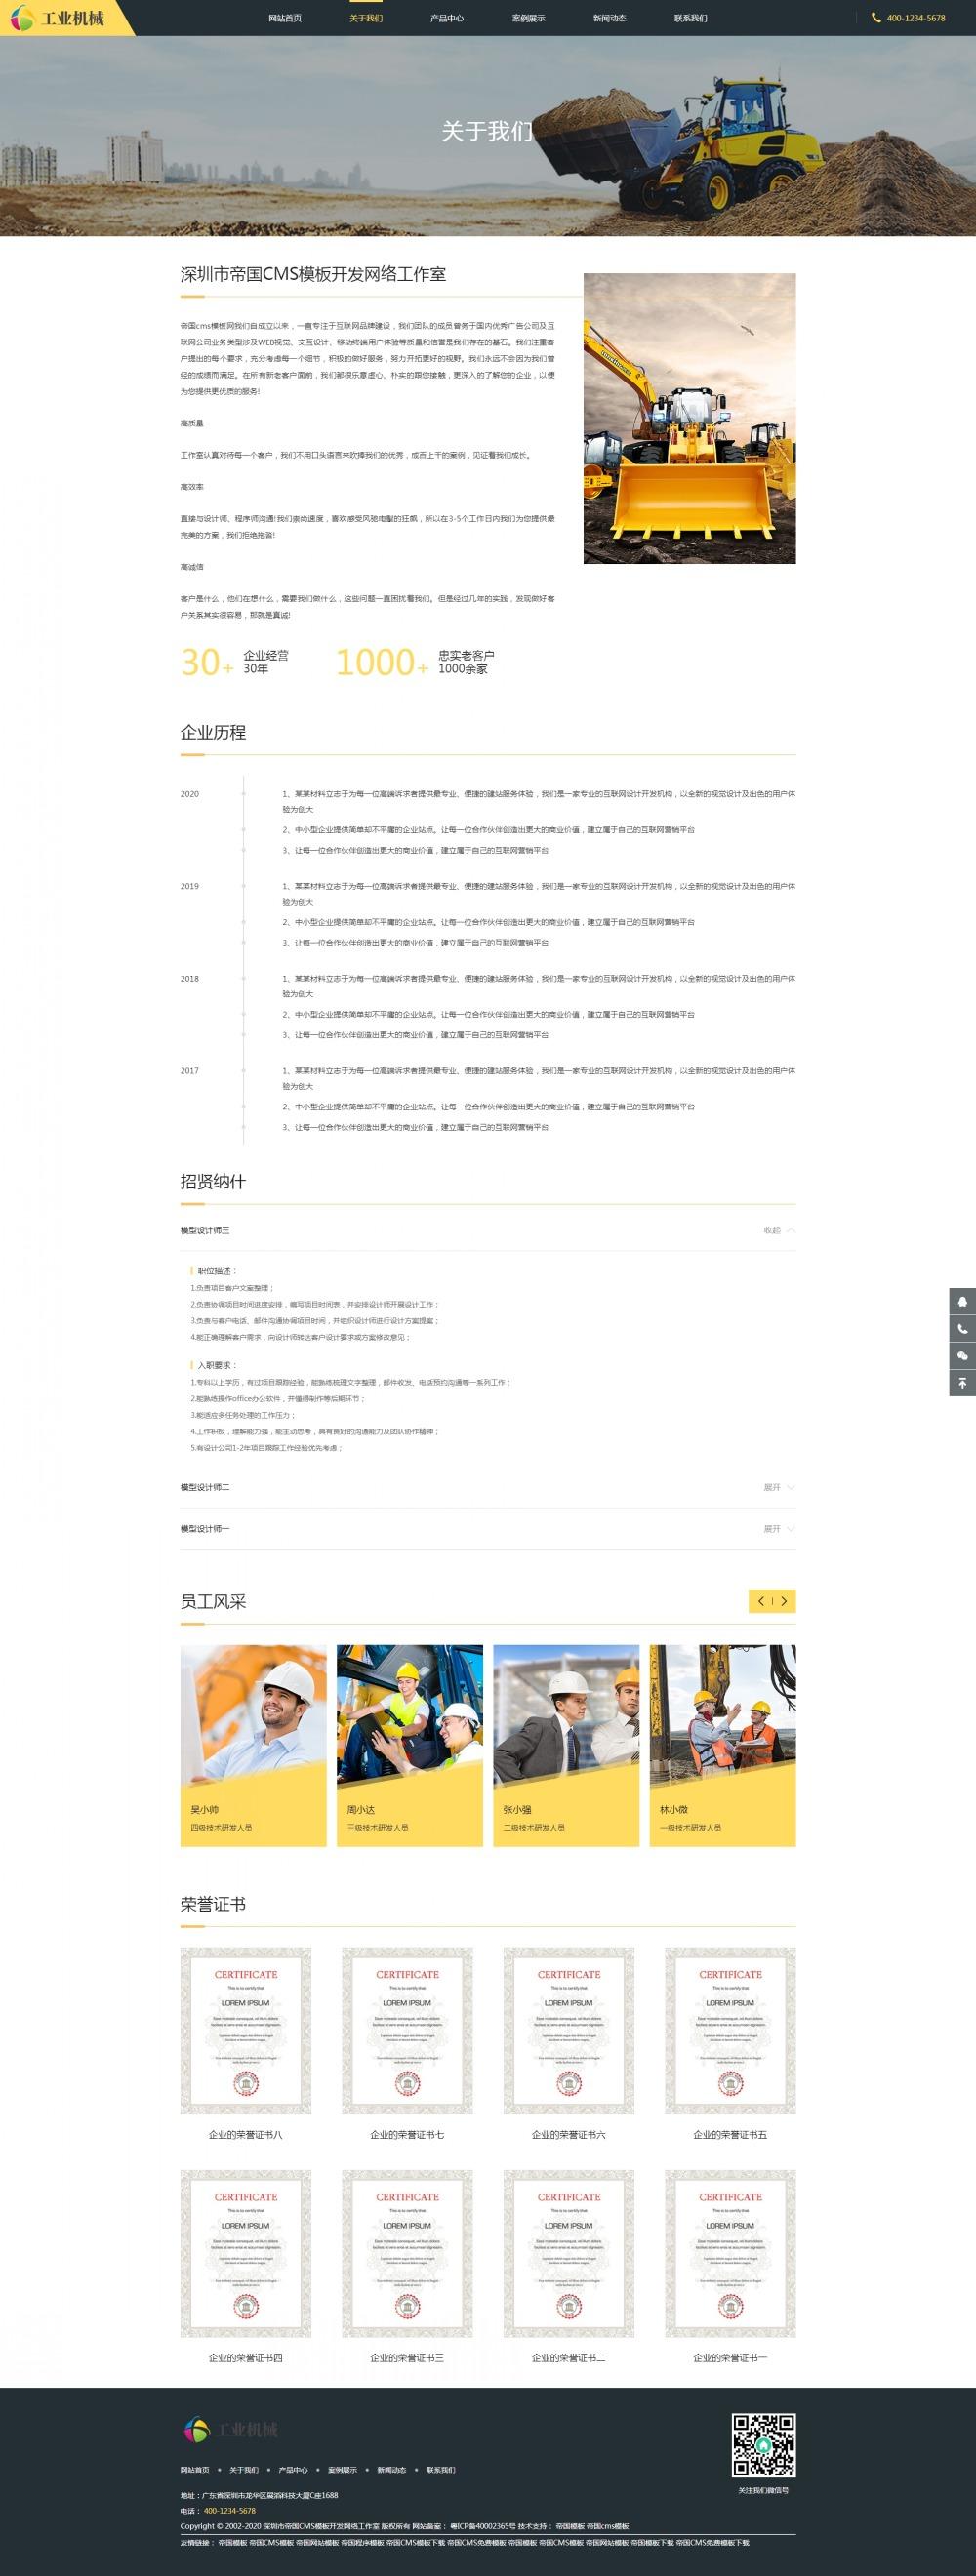 2关于我们.jpg [DG-0177]帝国cms响应式推土机挖掘机机械类网站模板,HTML自适应大型工矿机械设备帝国网站源码 企业模板 第2张